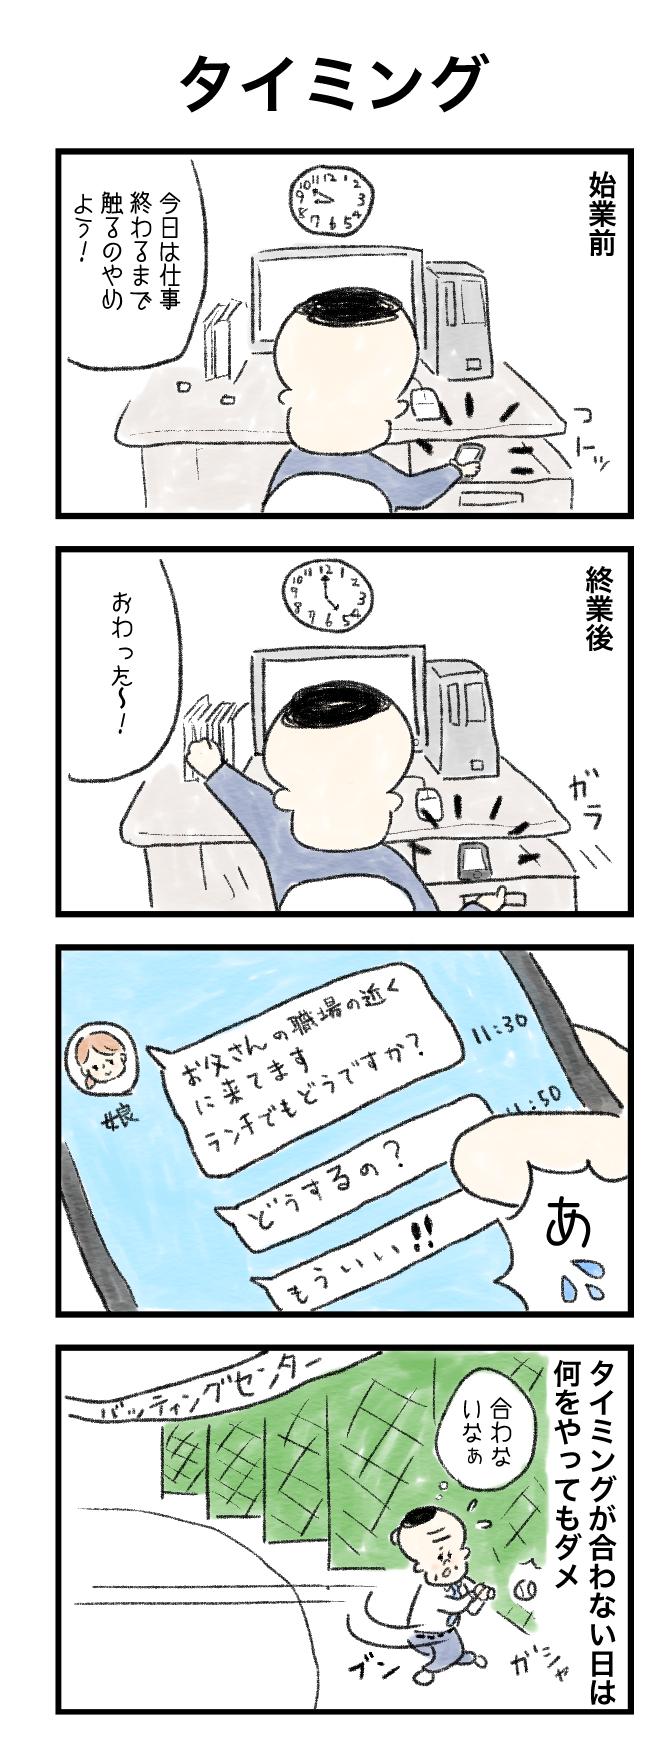 今日の泉谷さん【32】 作:カワサキヒロシ(ごとお日漫画)